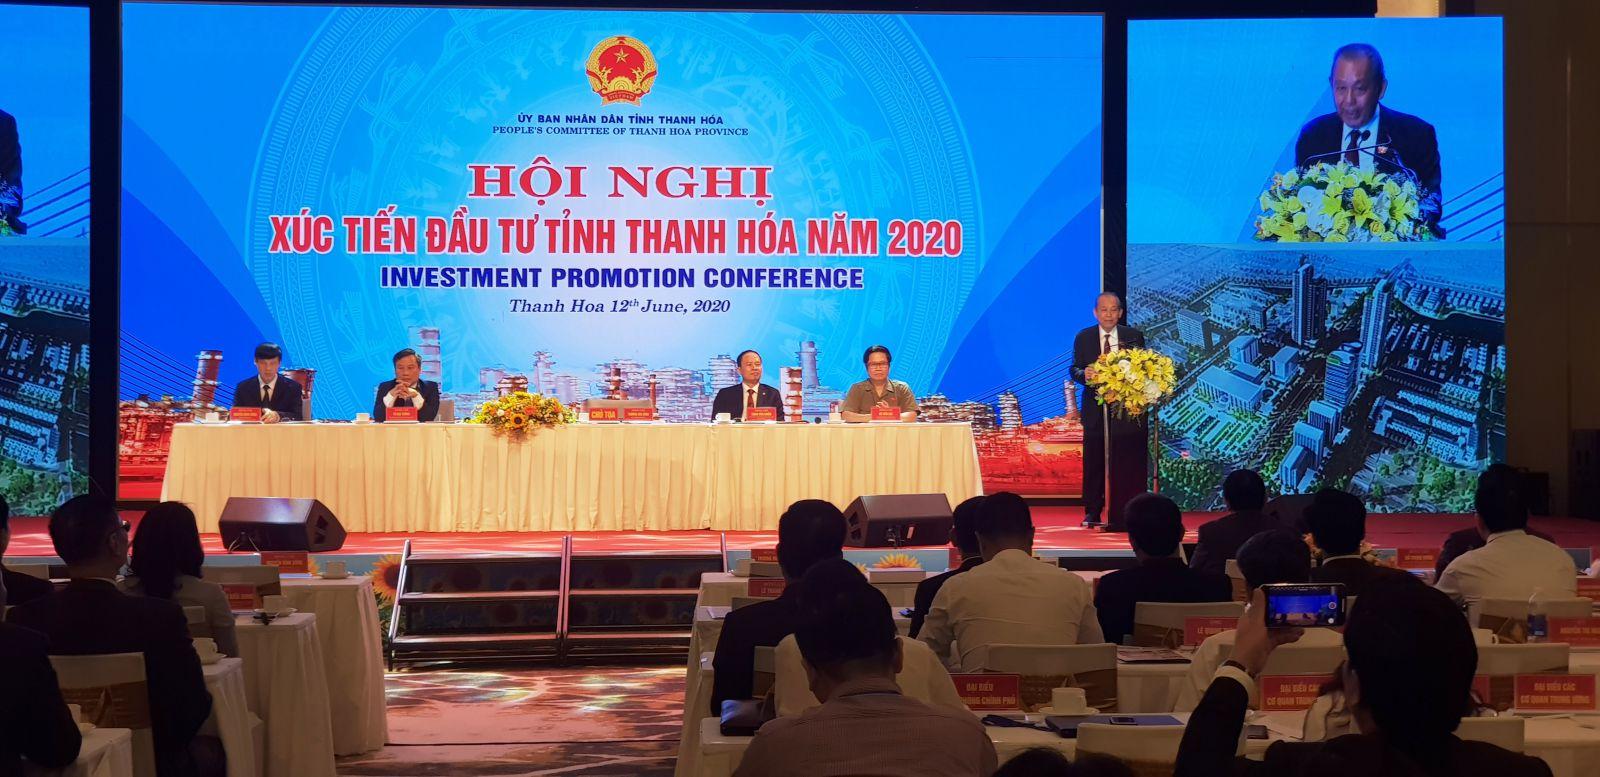 Thành công từ cuộc XTĐT 2020, Thanh Hóa tạo điểm sáng cho nền kinh tế